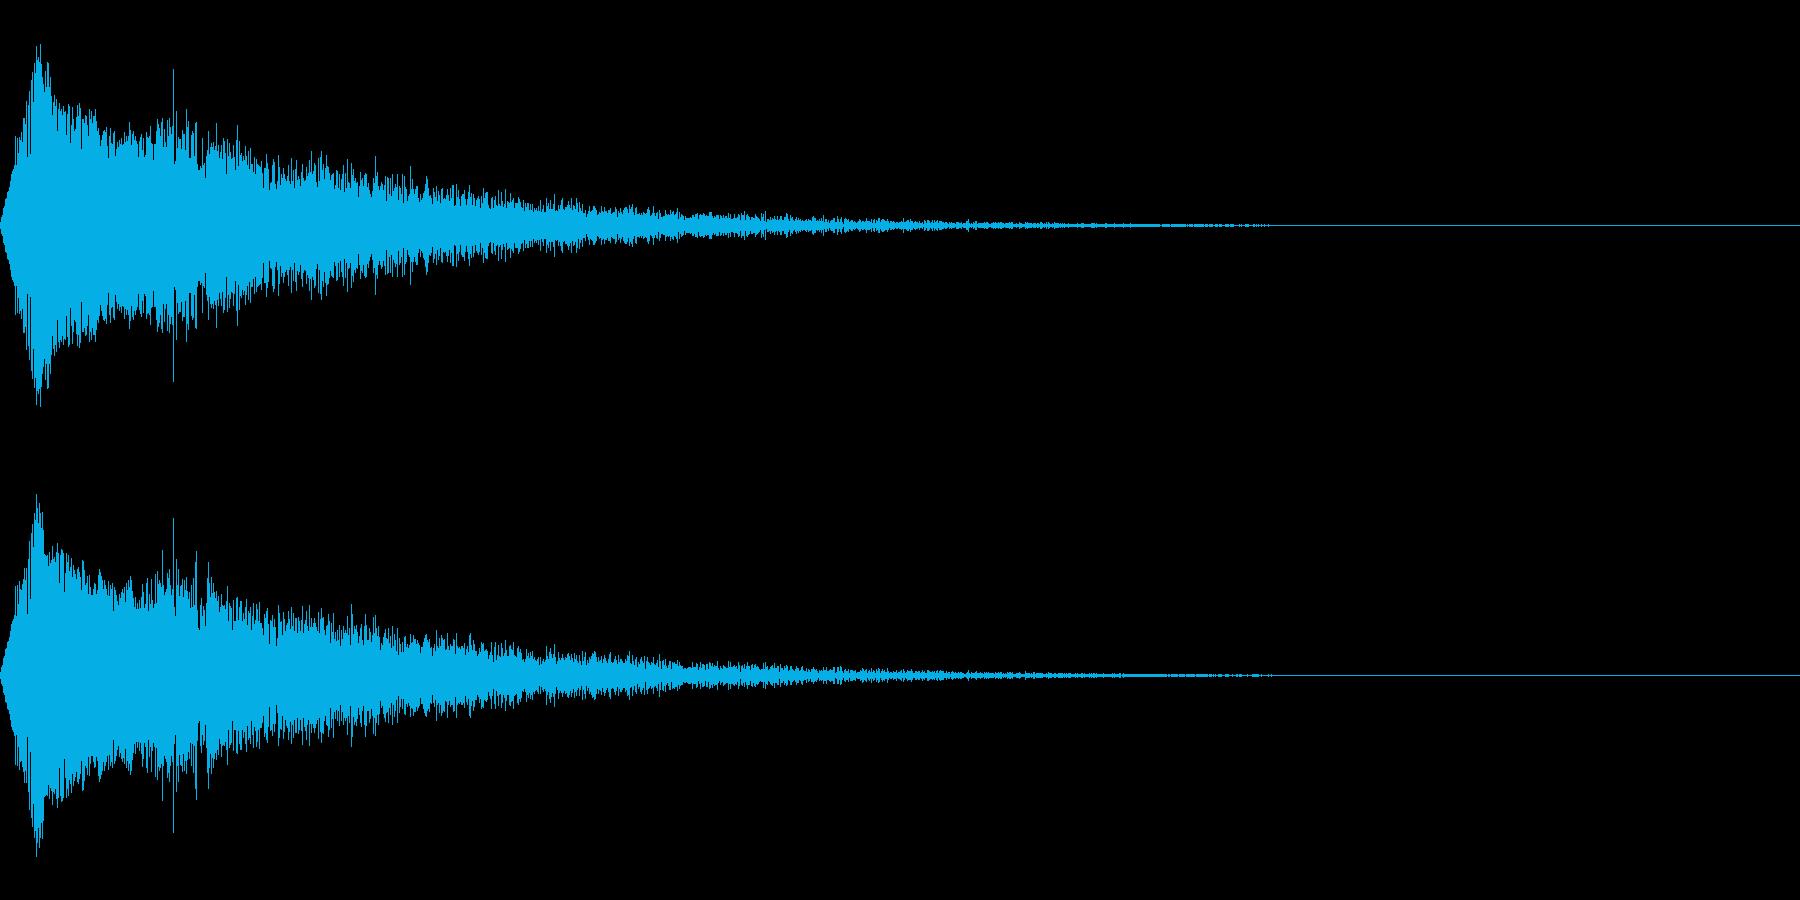 場面転換/キラキラ/流れ星/映像・動画の再生済みの波形